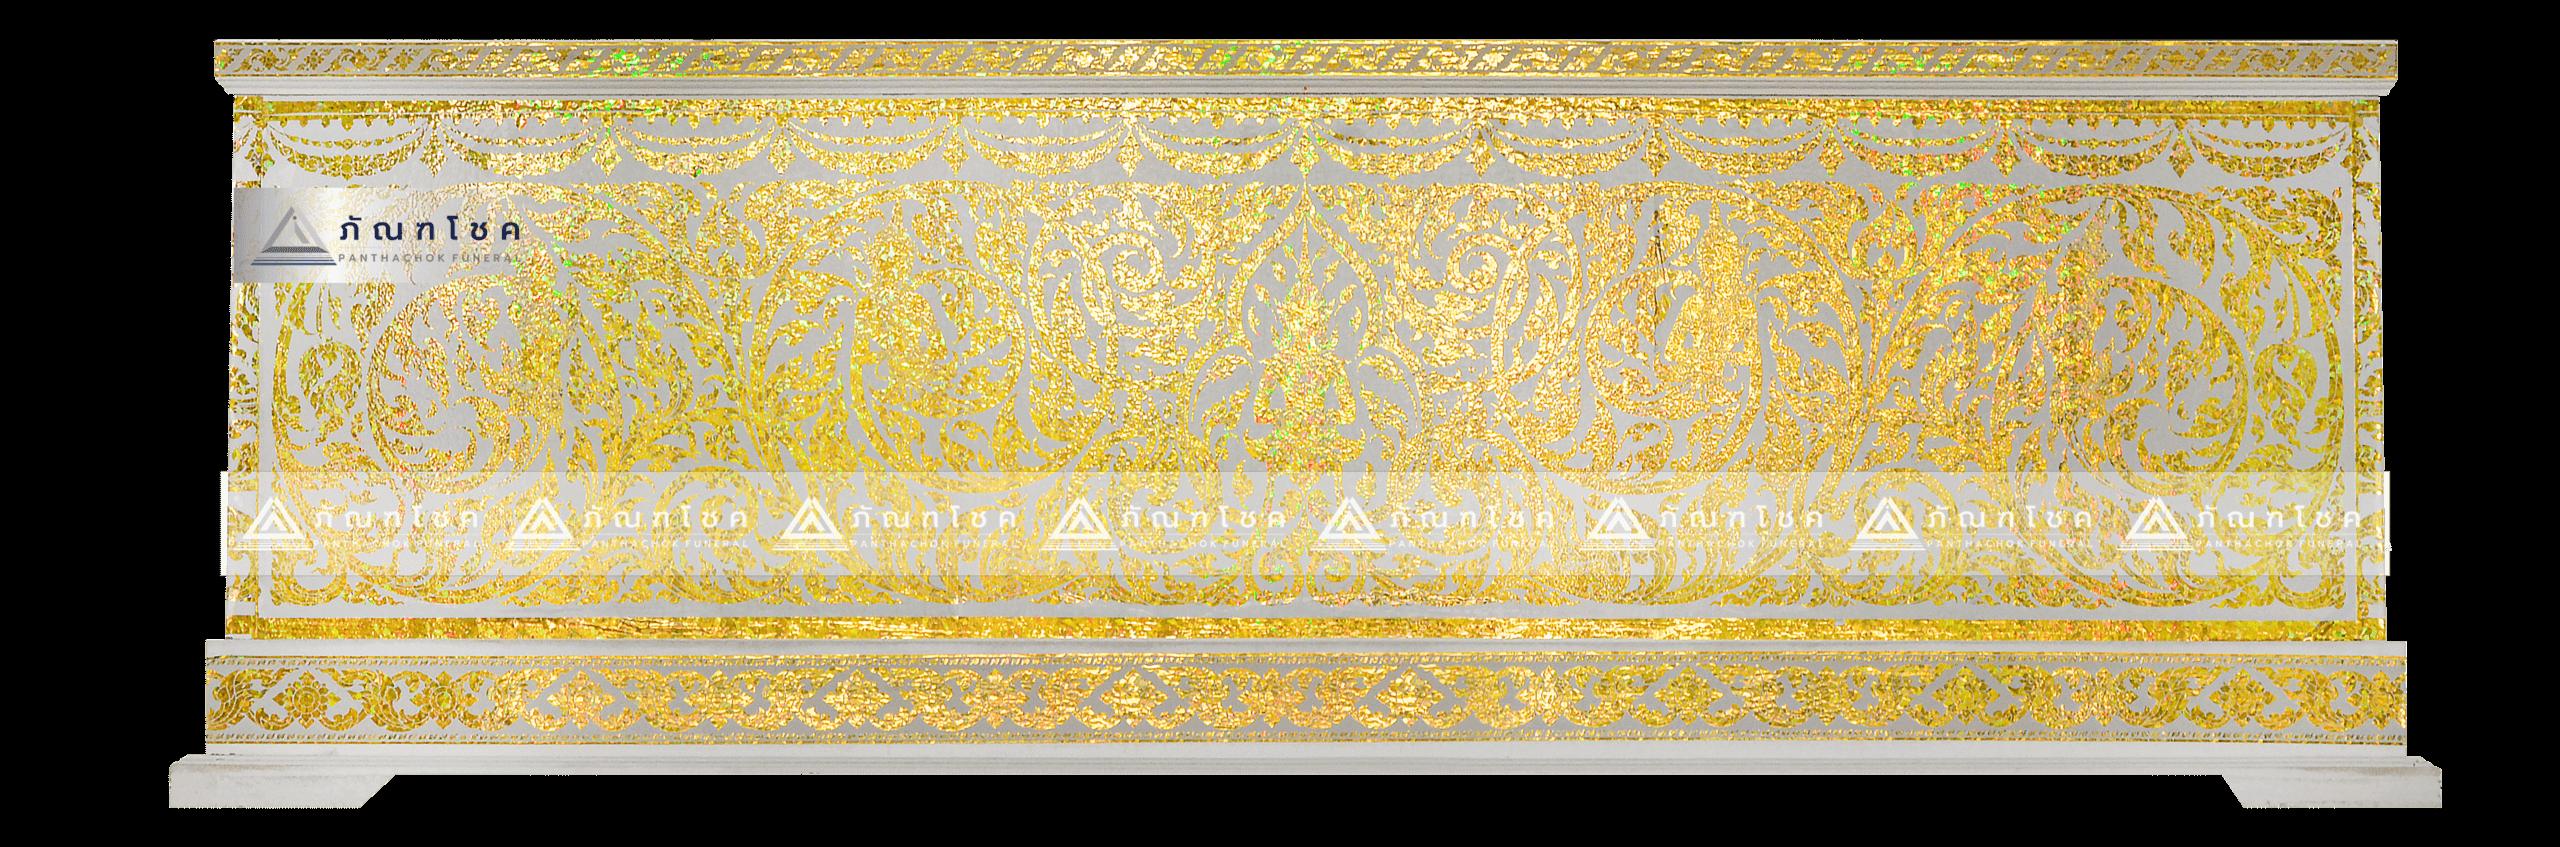 โลงศพ สีทอง